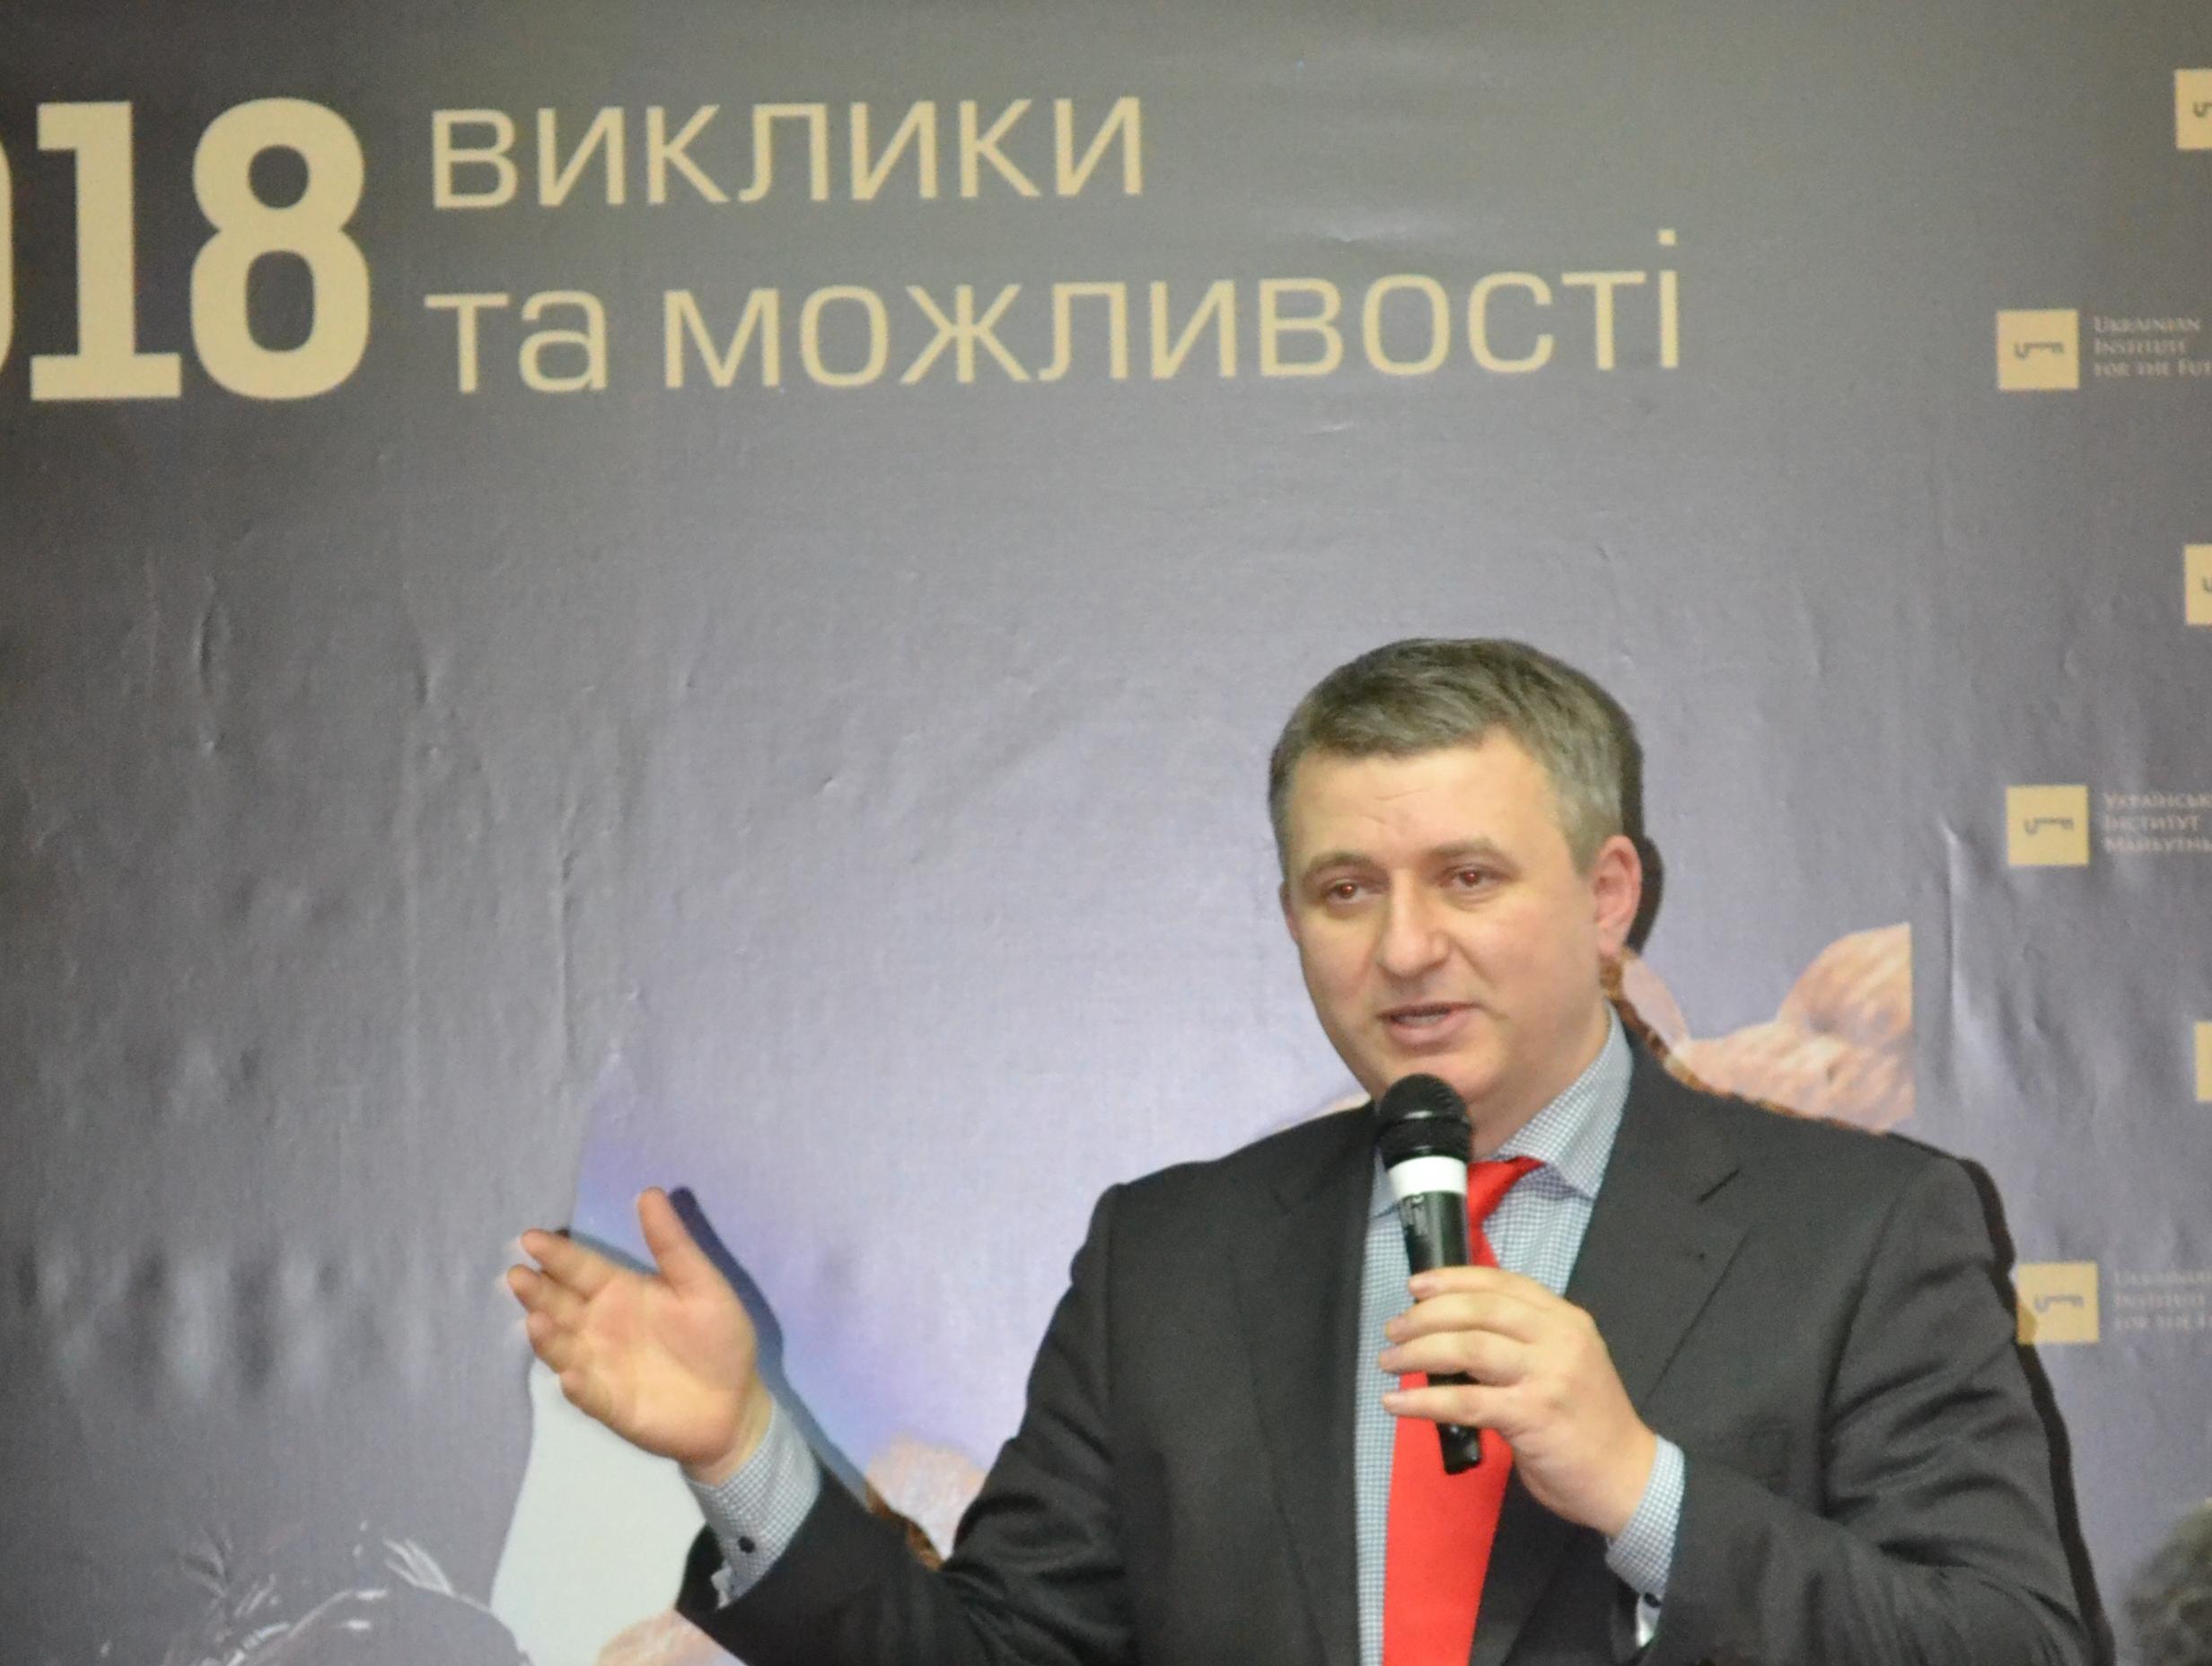 Презентация прогноза на 2018 г., которую подготовил UIF (Украинский институт будущего), стала событием, которого ждали и журналисты, и представители бизнеса